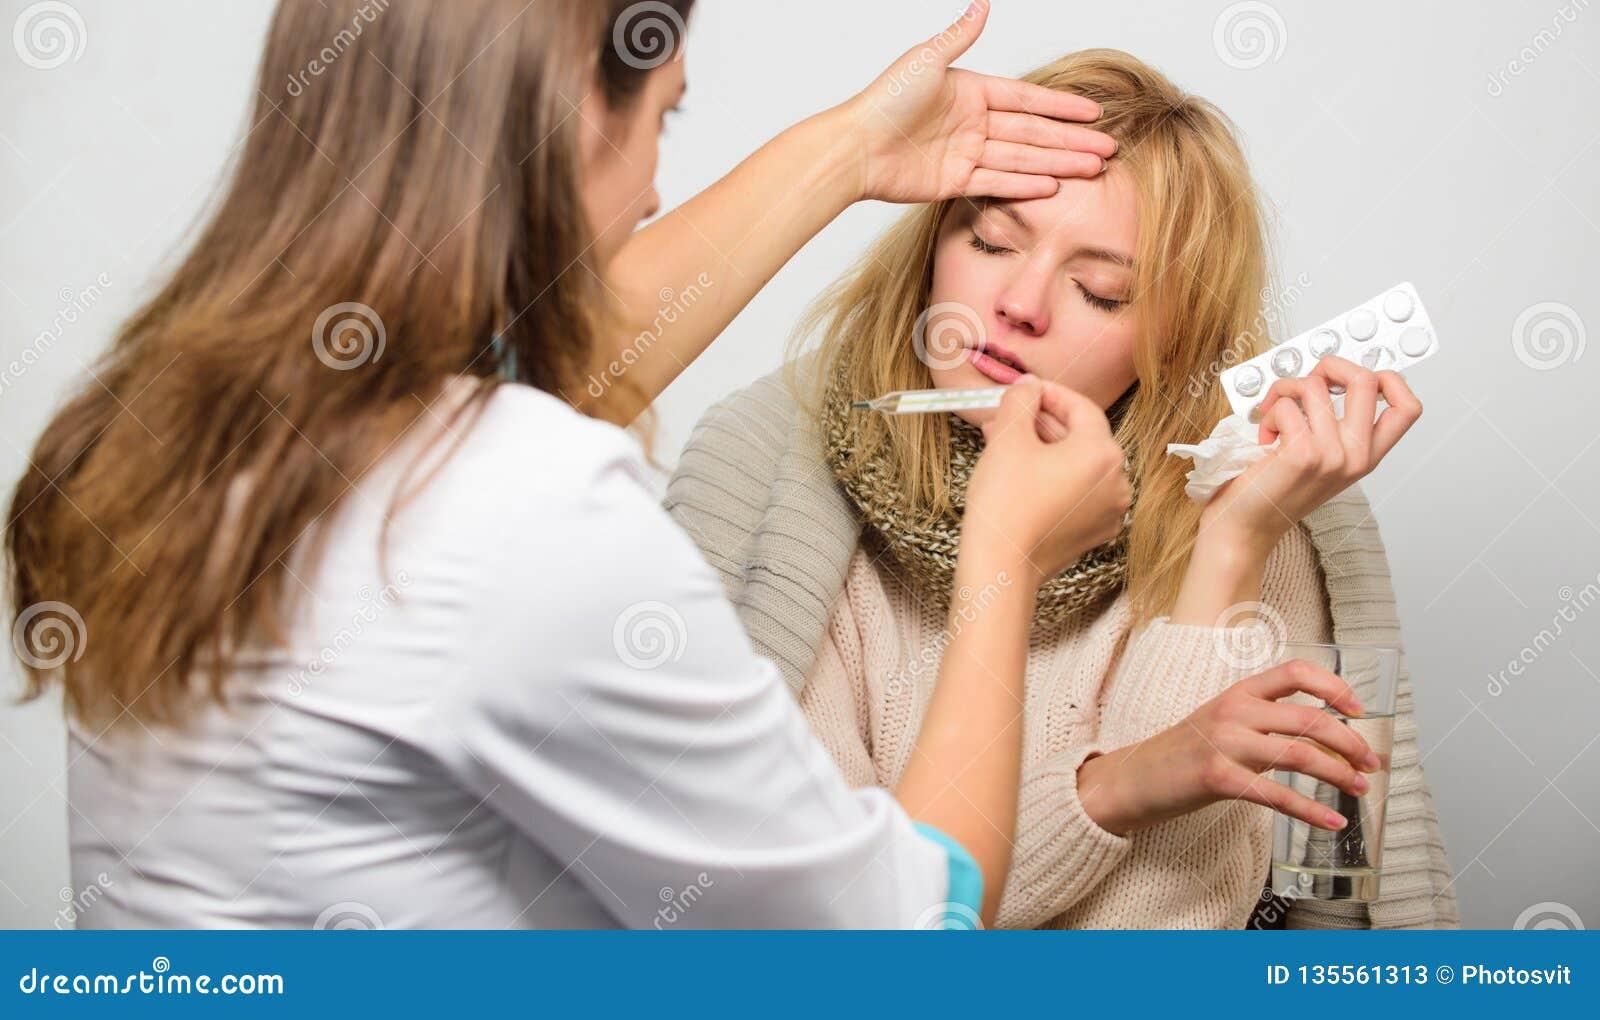 Grippe und Tiefkühlen Frau mit Doktor sich beraten Mädchen im Schal überprüft von Doktor Kälte- und Grippehilfsmittel doktor